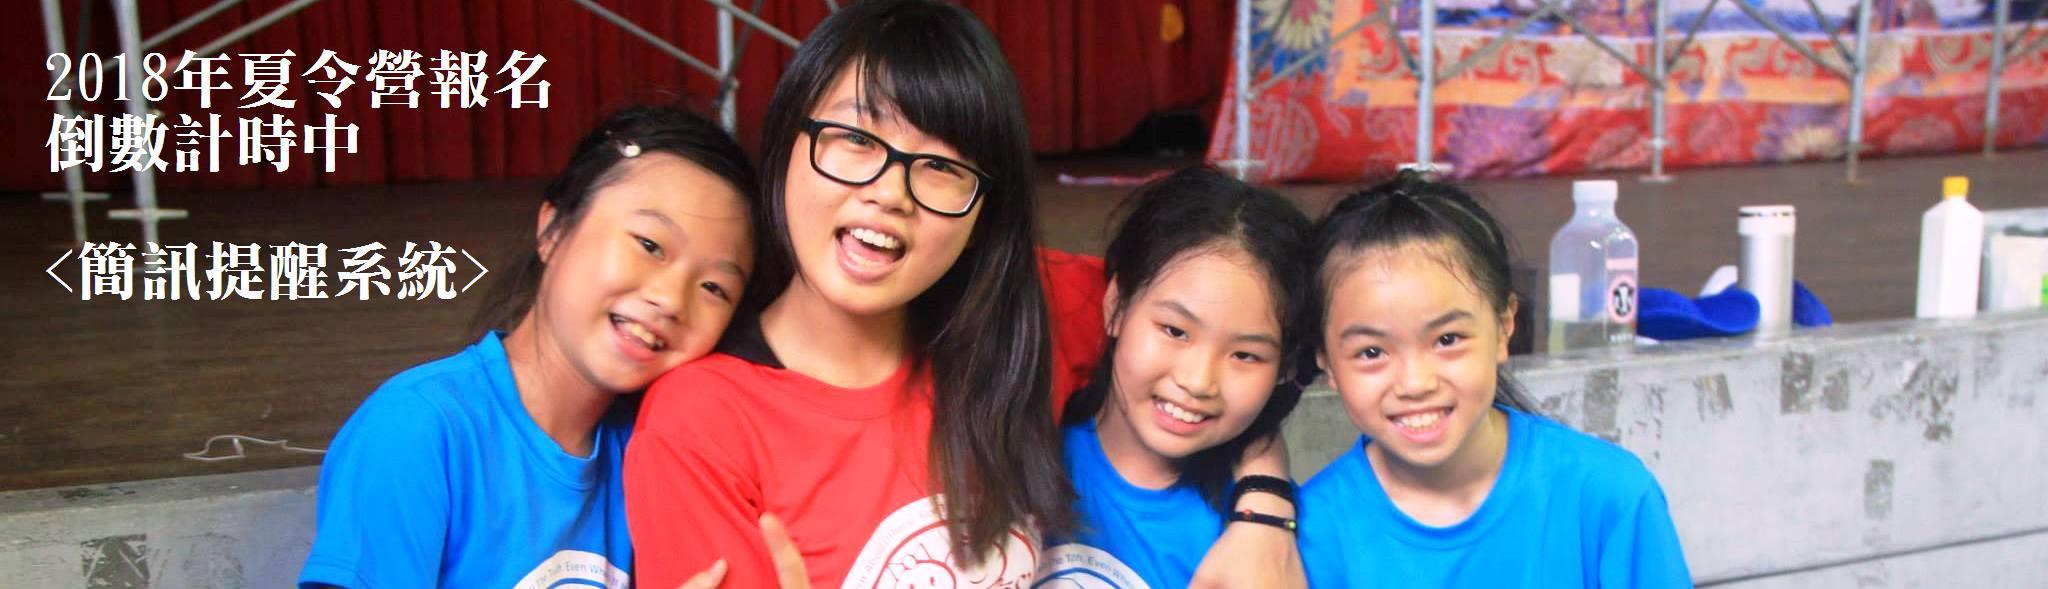 台中YMCA2018夏令營